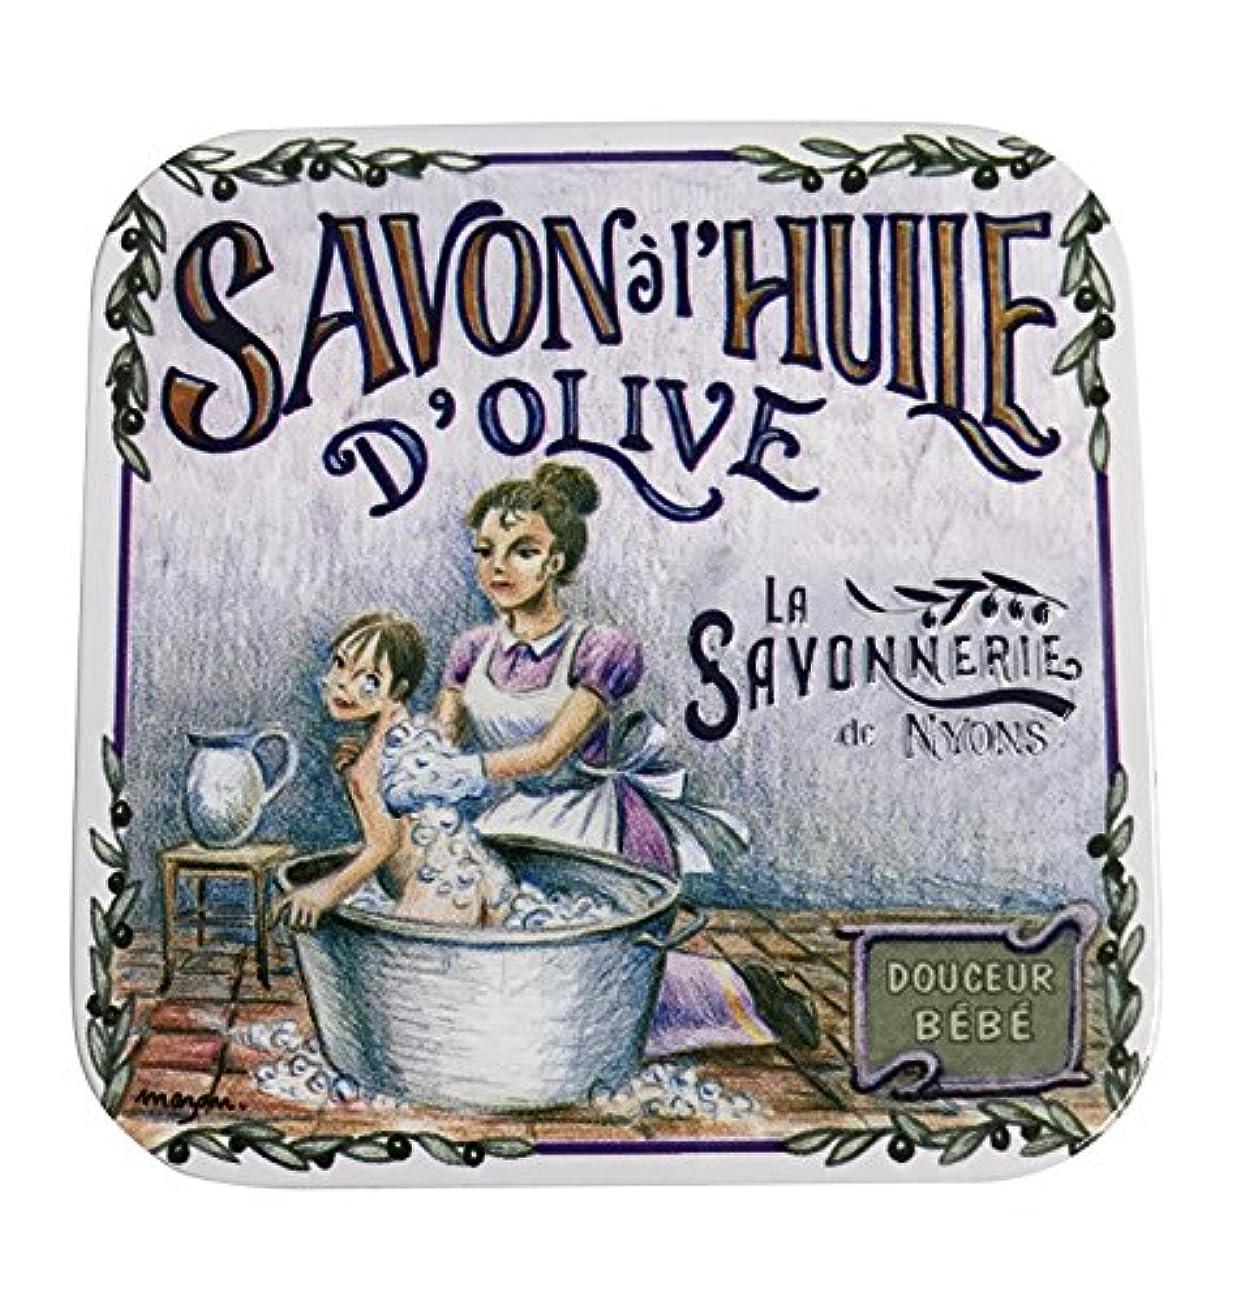 強化する思いやり論争的ラ?サボネリー アンティーク缶入り石鹸 タイプ100 ハウスワイフ(ローズ)